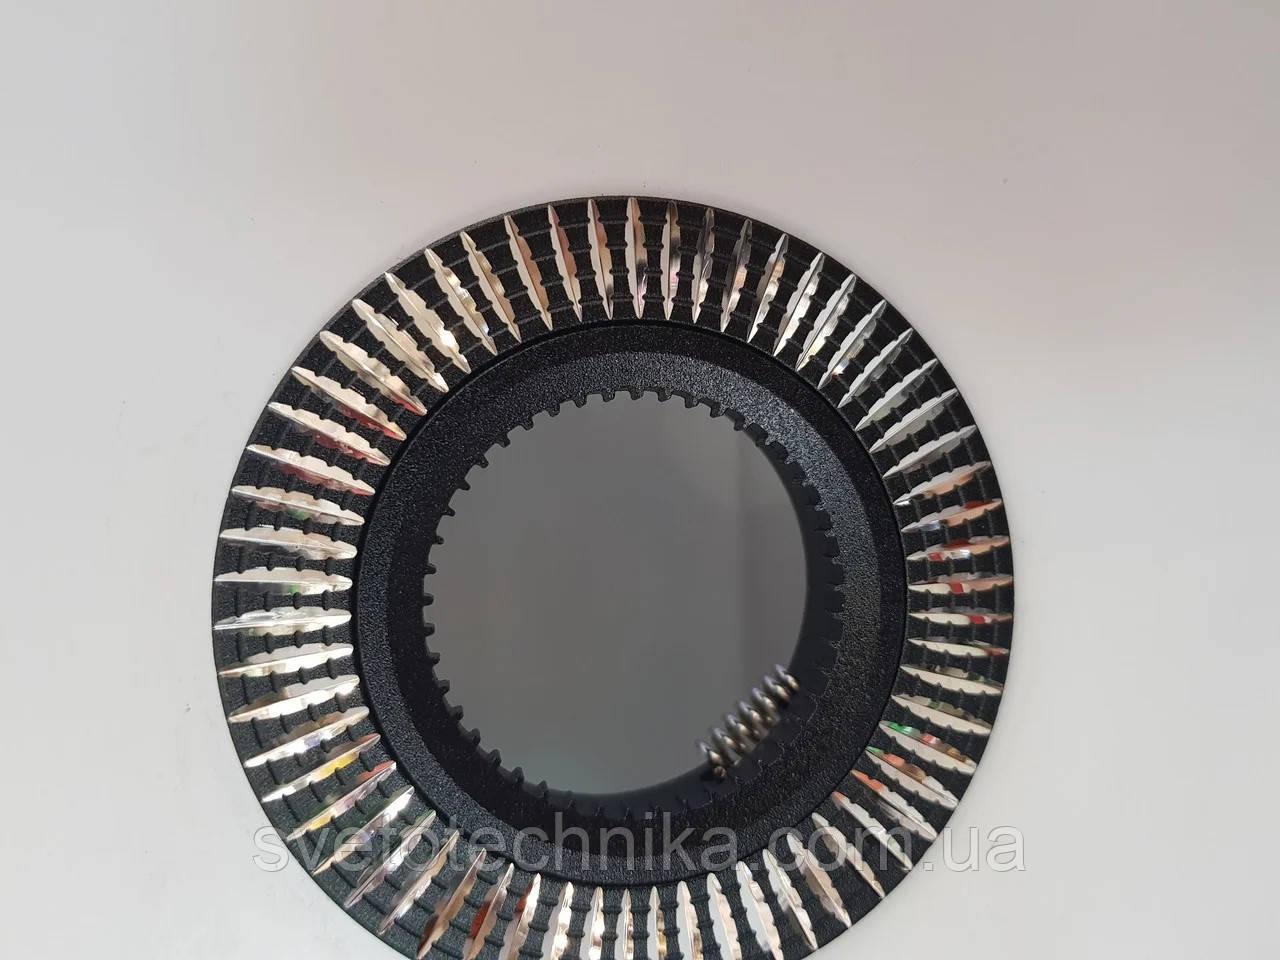 Светильник Feron GS-M369 (цвет корпуса черный) встраиваемый неповоротный